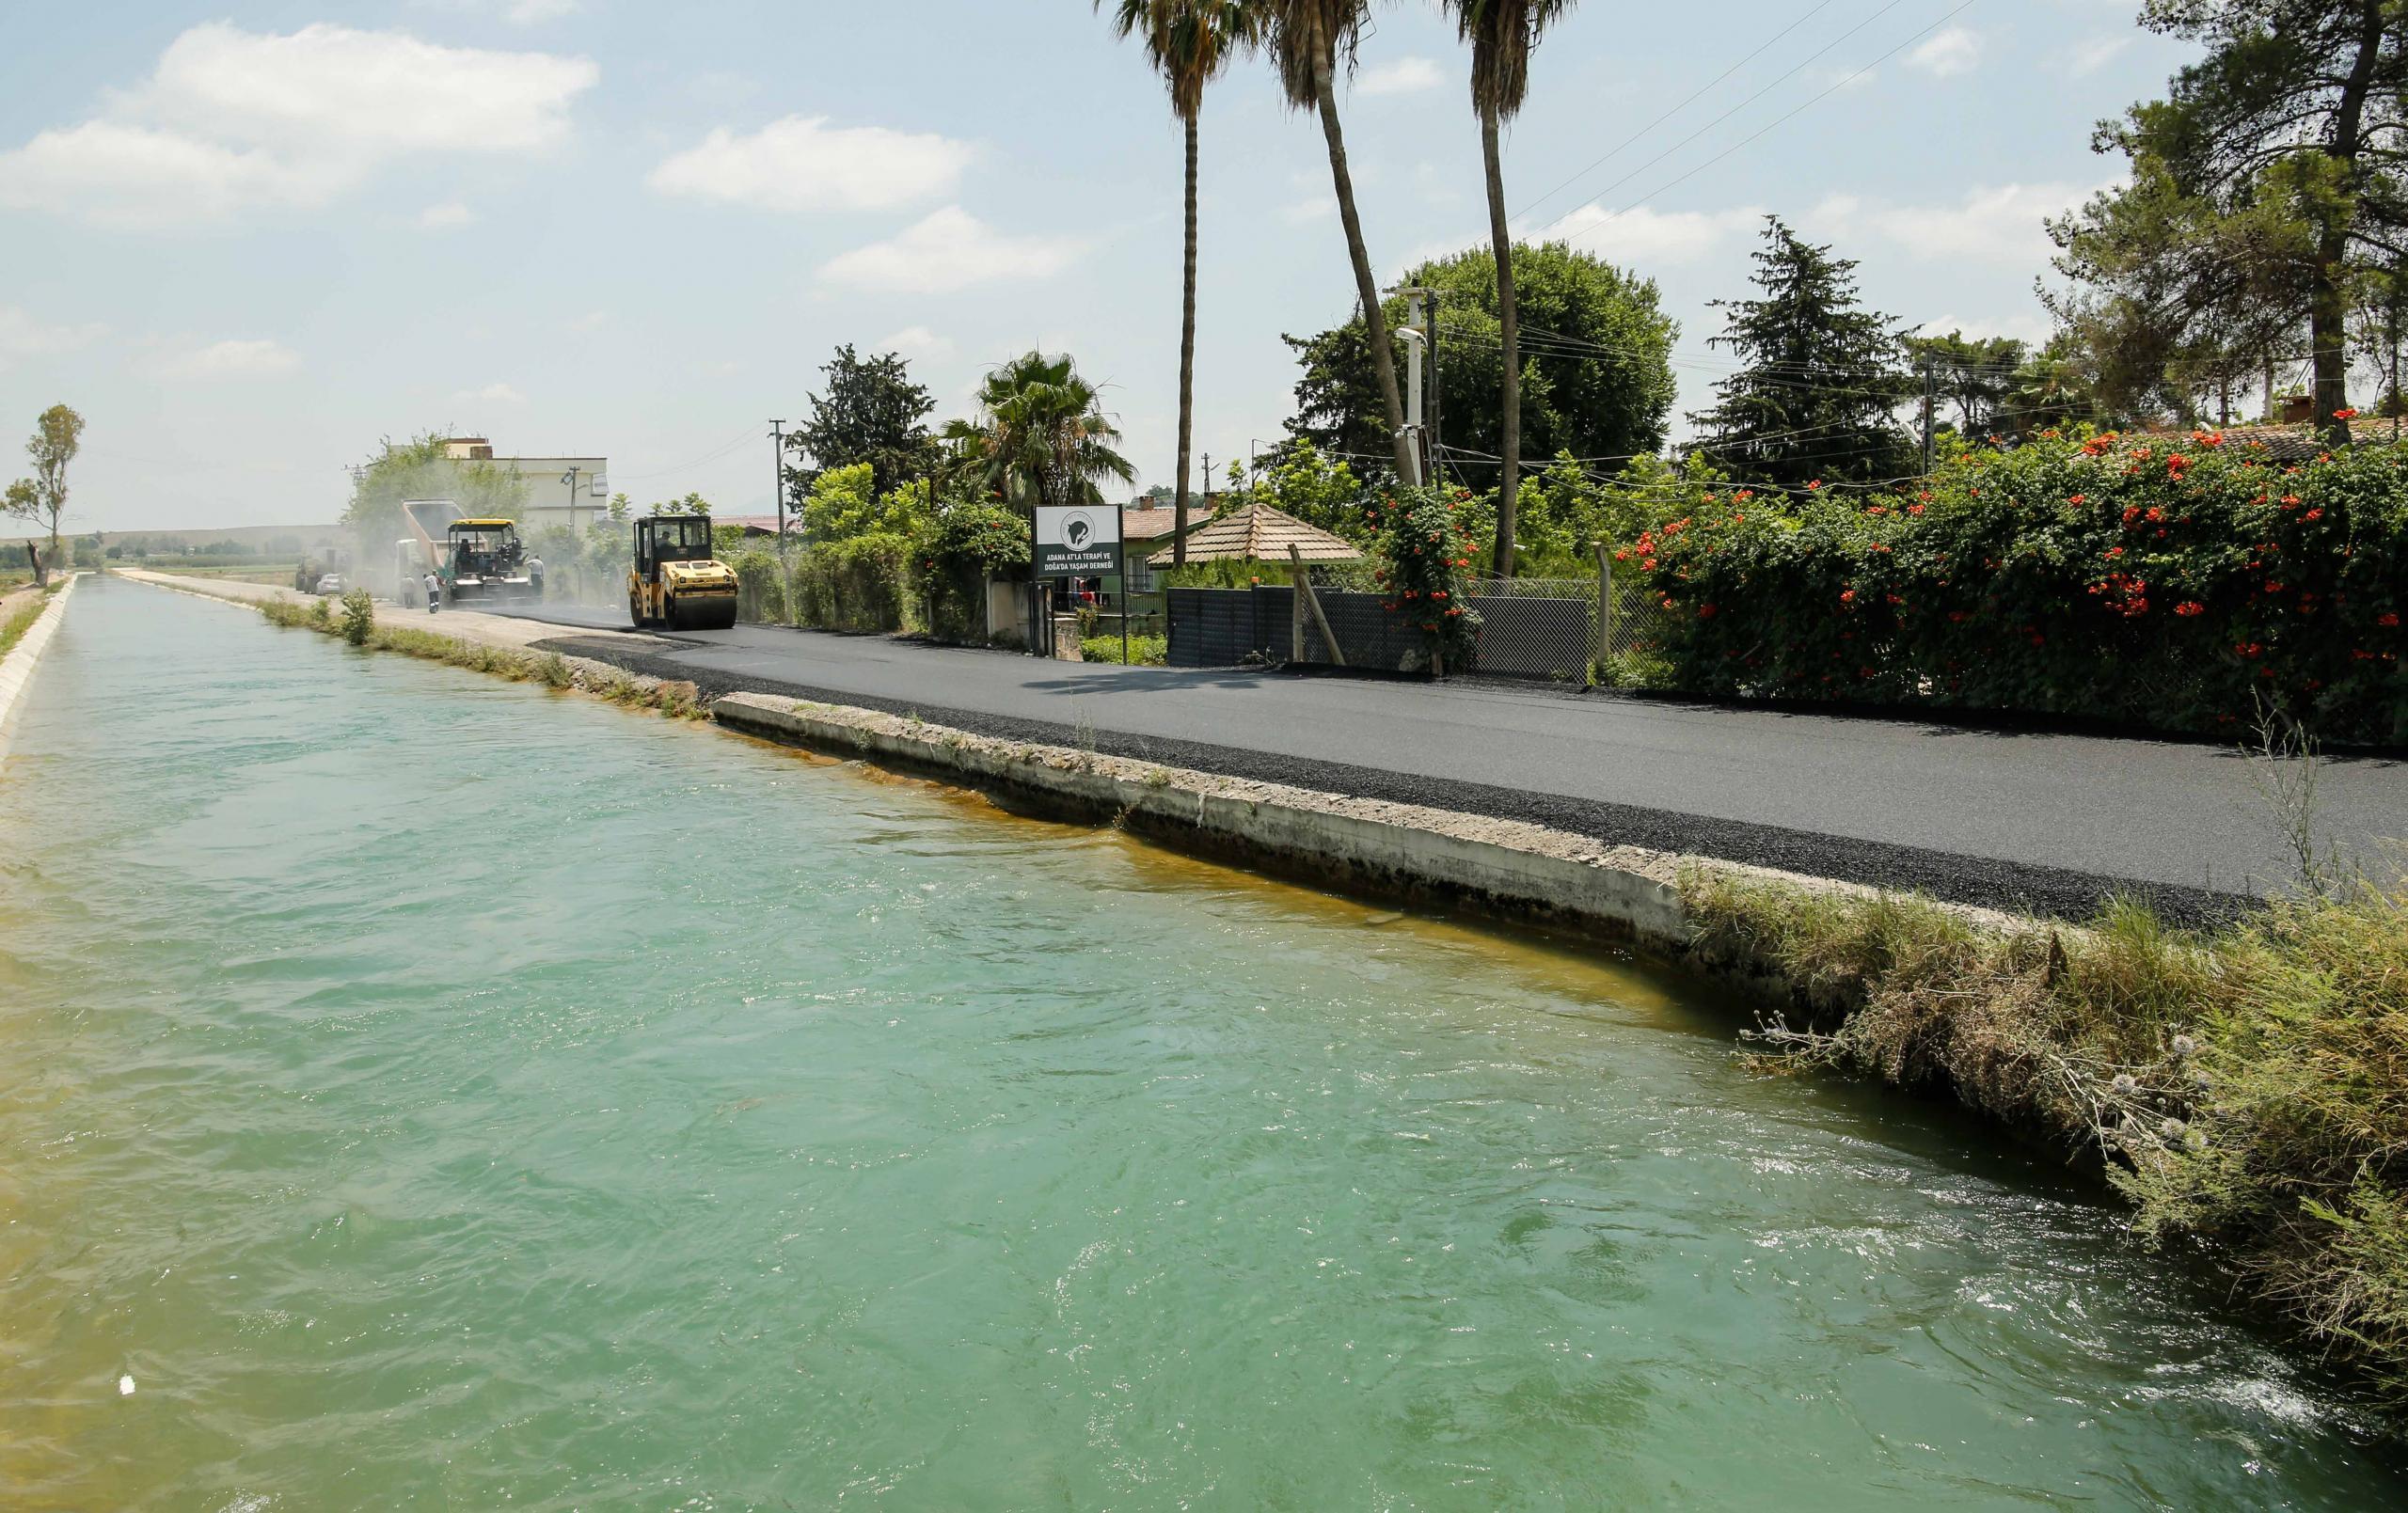 Büyükşehir, Adana'da asfaltsız yol bırakmamak için yoğun çalışıyor